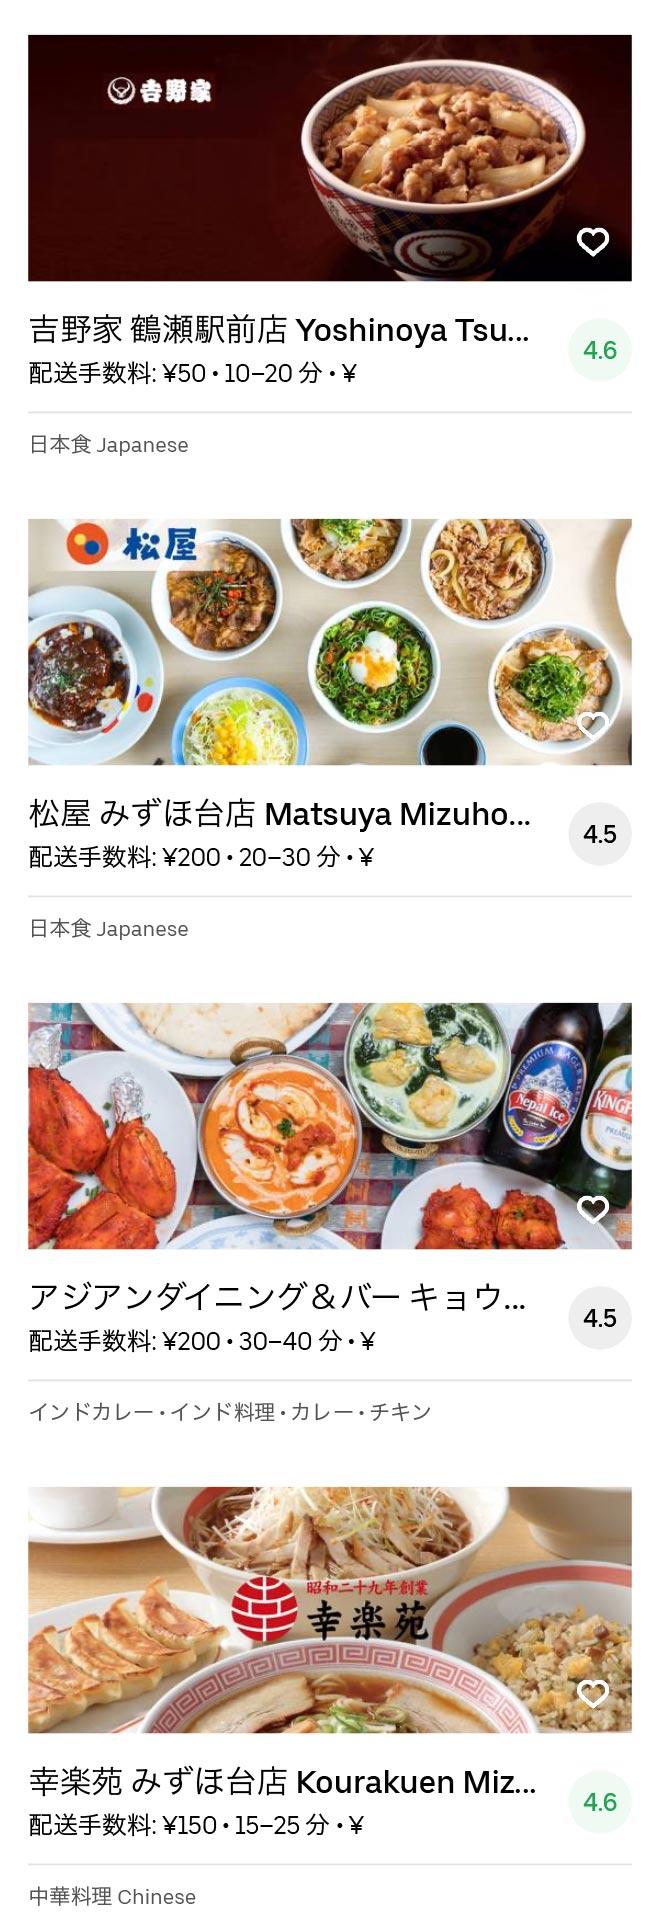 Fujimi tsuruse menu 2004 02